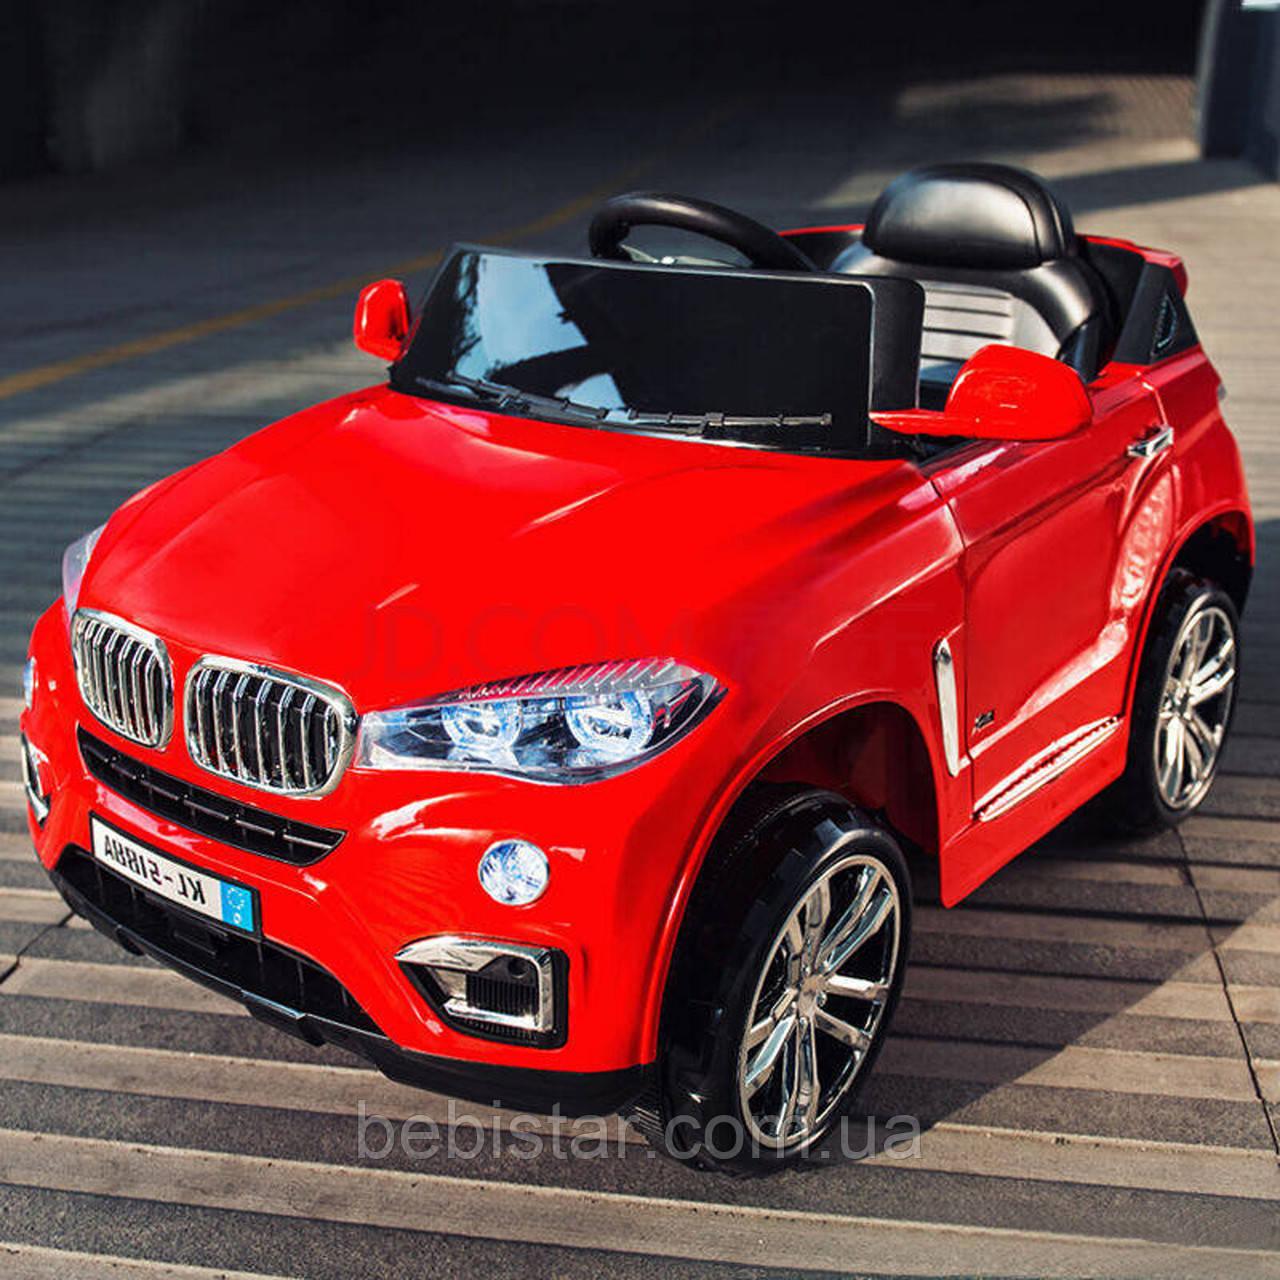 Детский электромобиль красный Джип T-788 EVA RED мотор 2*25W аккумулятор 2*6V4.5AH деткам 3-8 лет с МР3